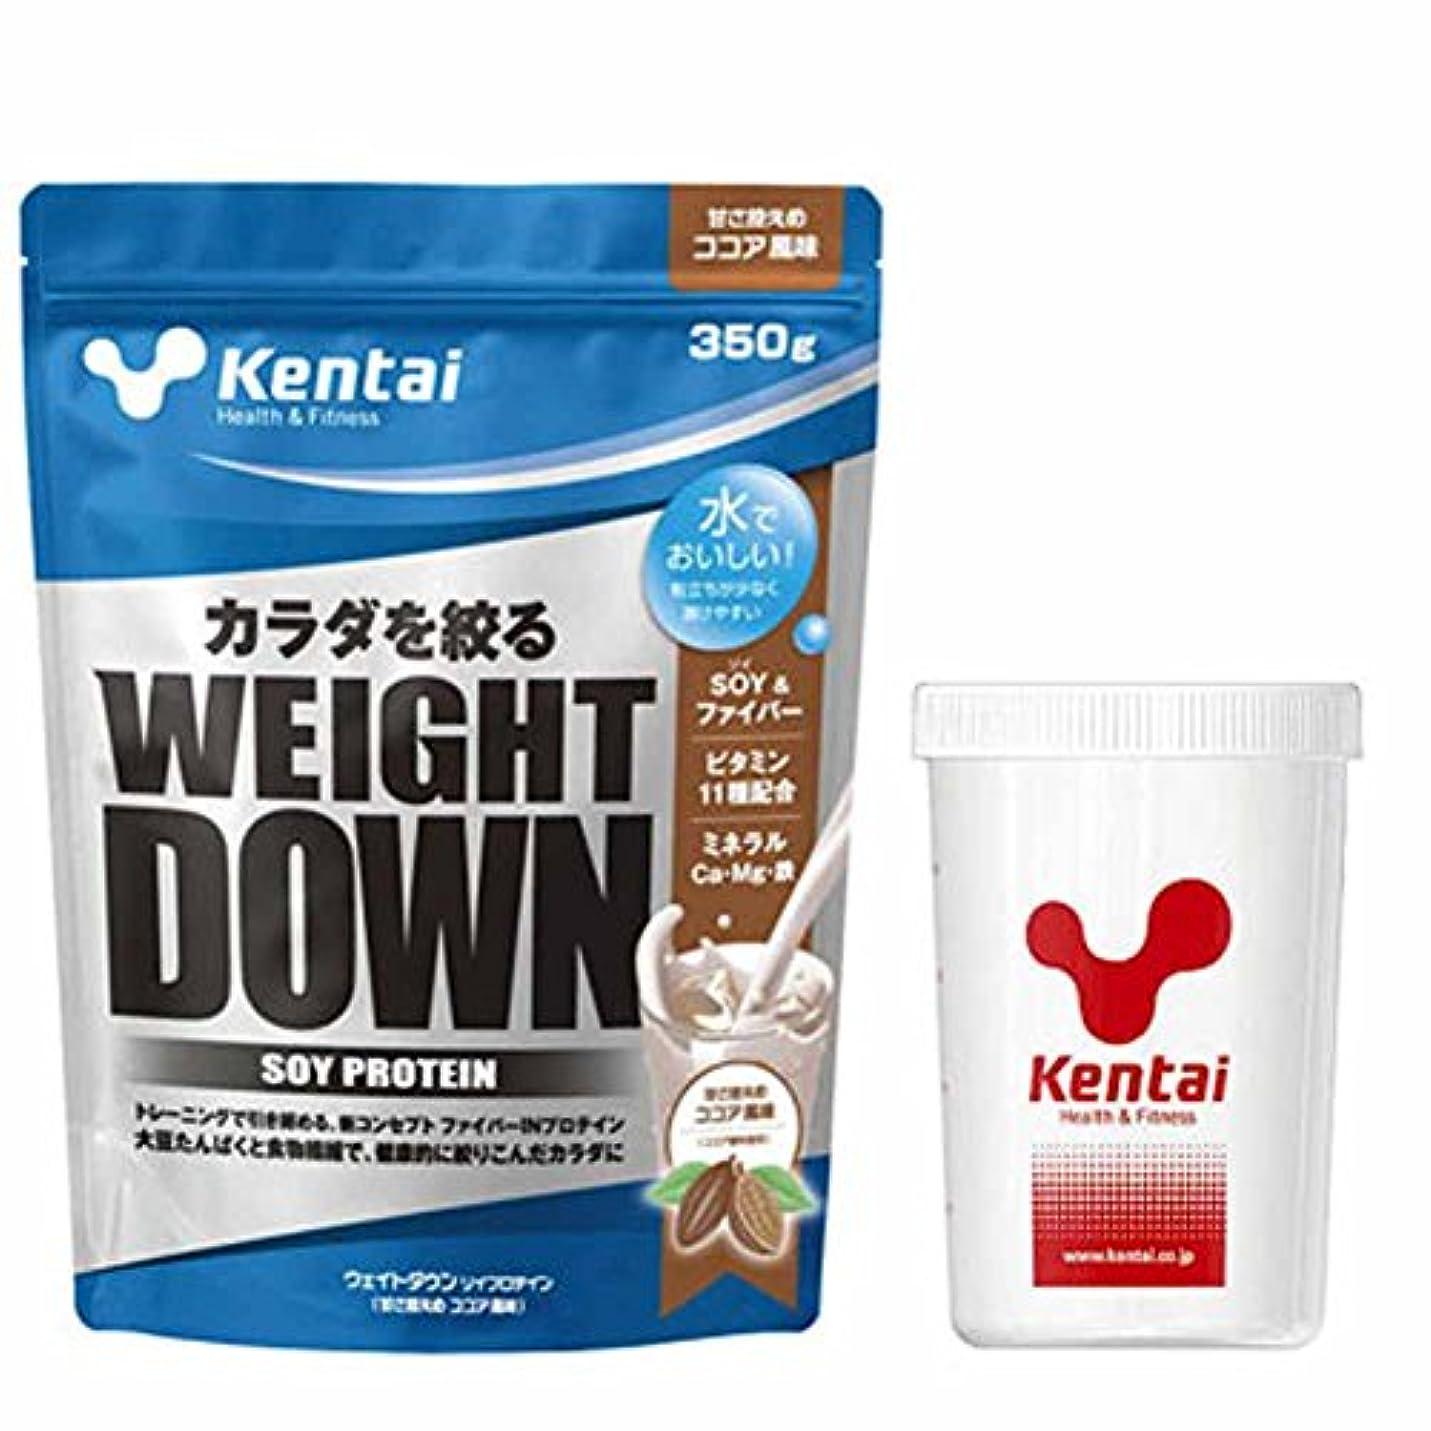 食用生理不格好Kentai(ケンタイ) ウエイトダウンSOYプロテイン ココア風味+Kentaiプロテインシェーカーセット K1140-K005